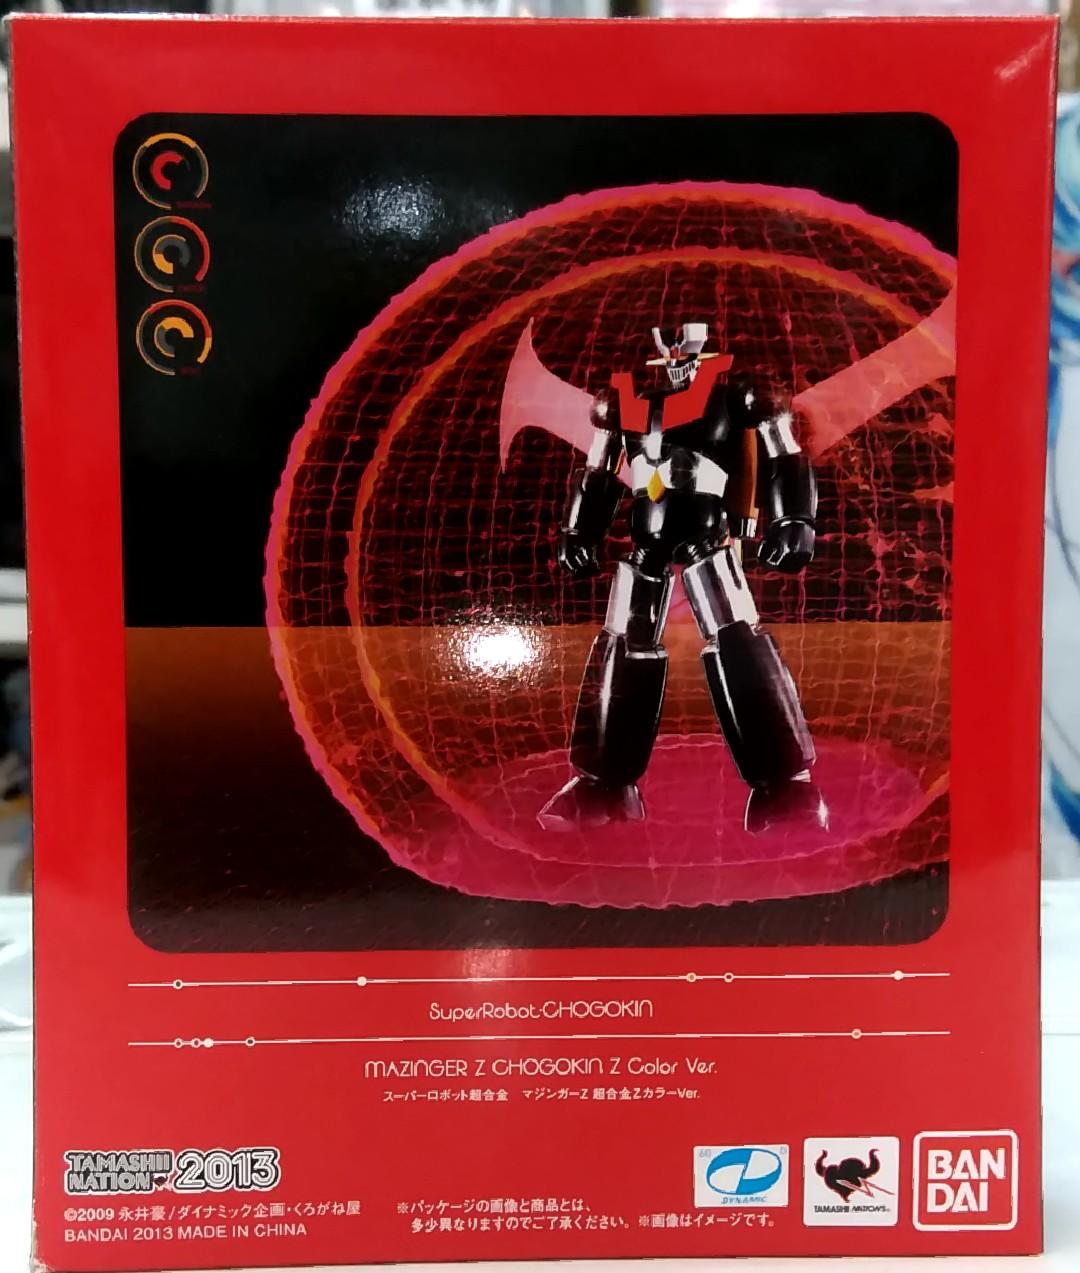 買取情報『バンダイの スーパーロボット超合金「マジンガーZ」超合金ZカラーVer』